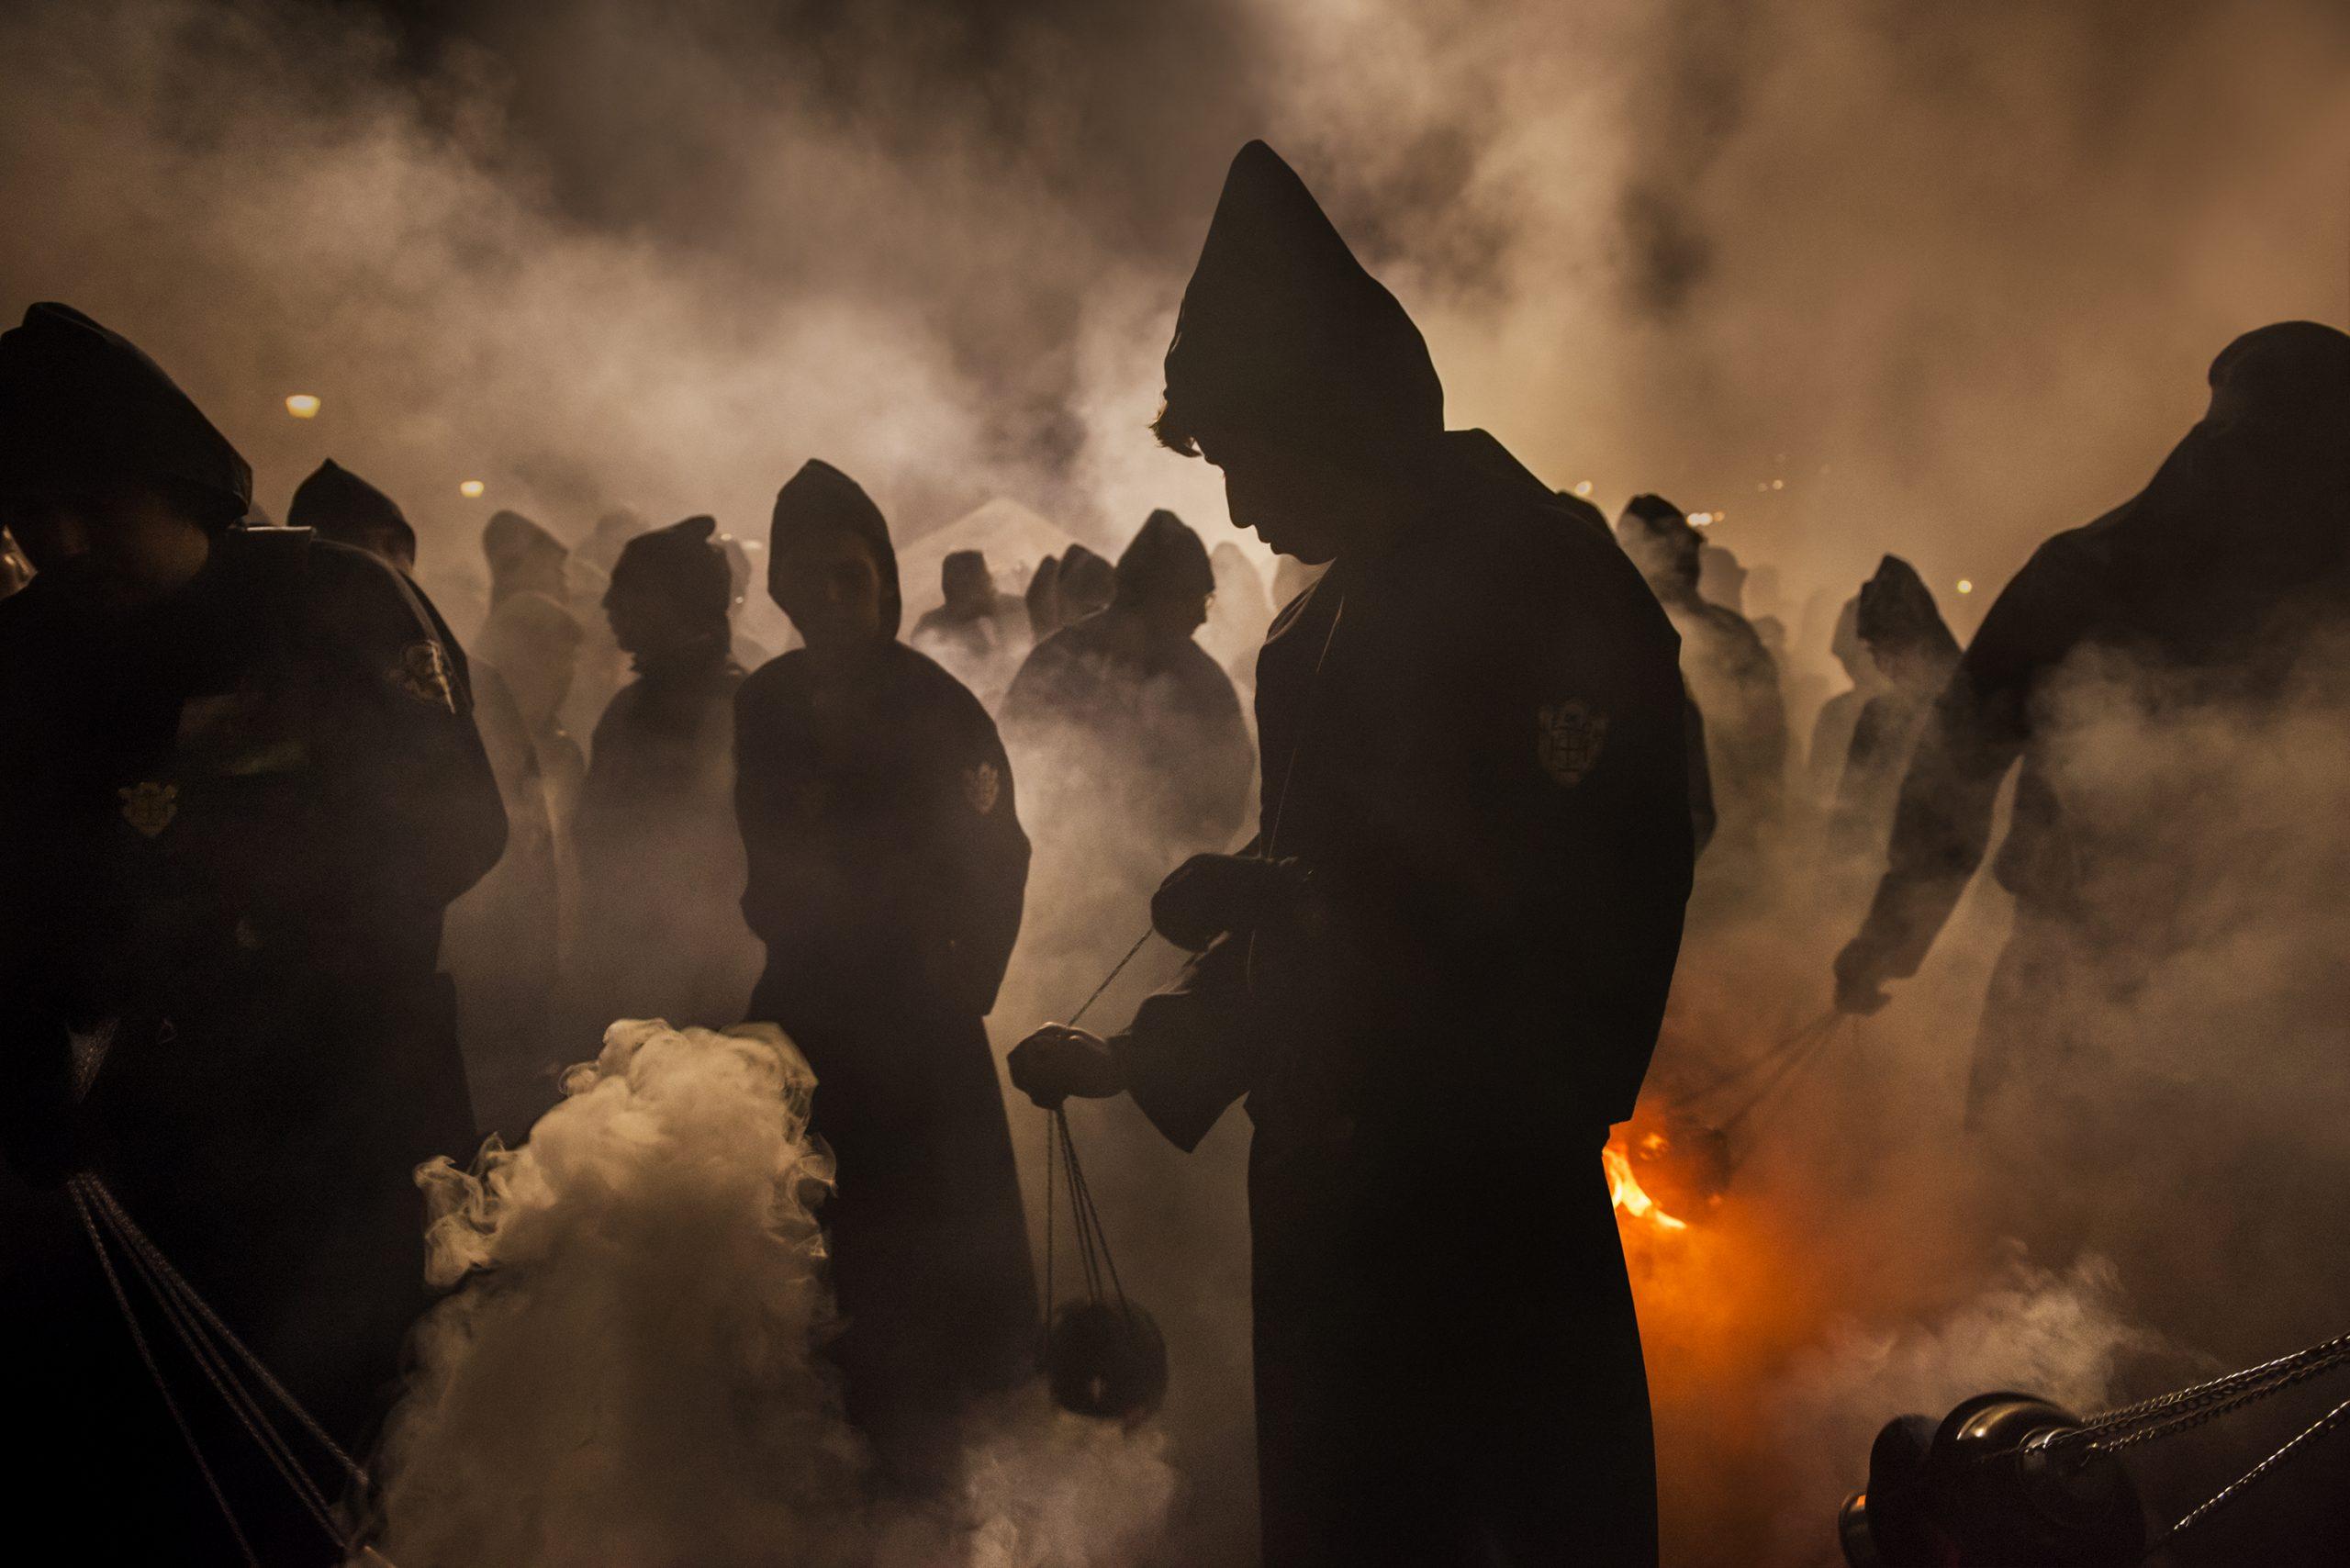 史蒂夫·麦卡里(Steve McCurry),彩色照片危地马拉,仪式,摘自《在别处寻找》